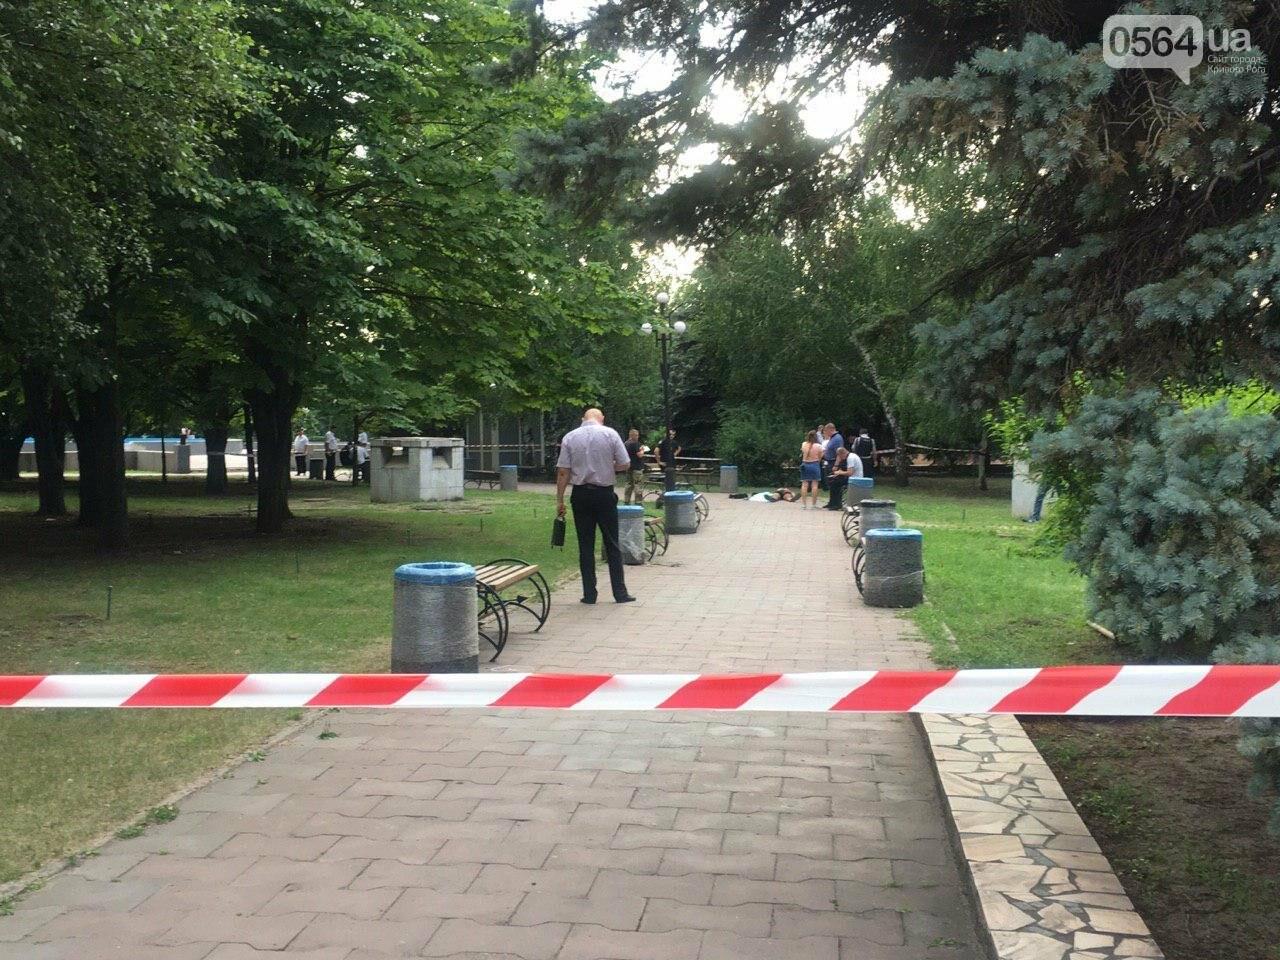 Возле мэрии Кривого Рога найдено тело мужчины с ножевыми ранениями. Рядом с убитым находится его собака, - ФОТО, ВИДЕО 18+, фото-1